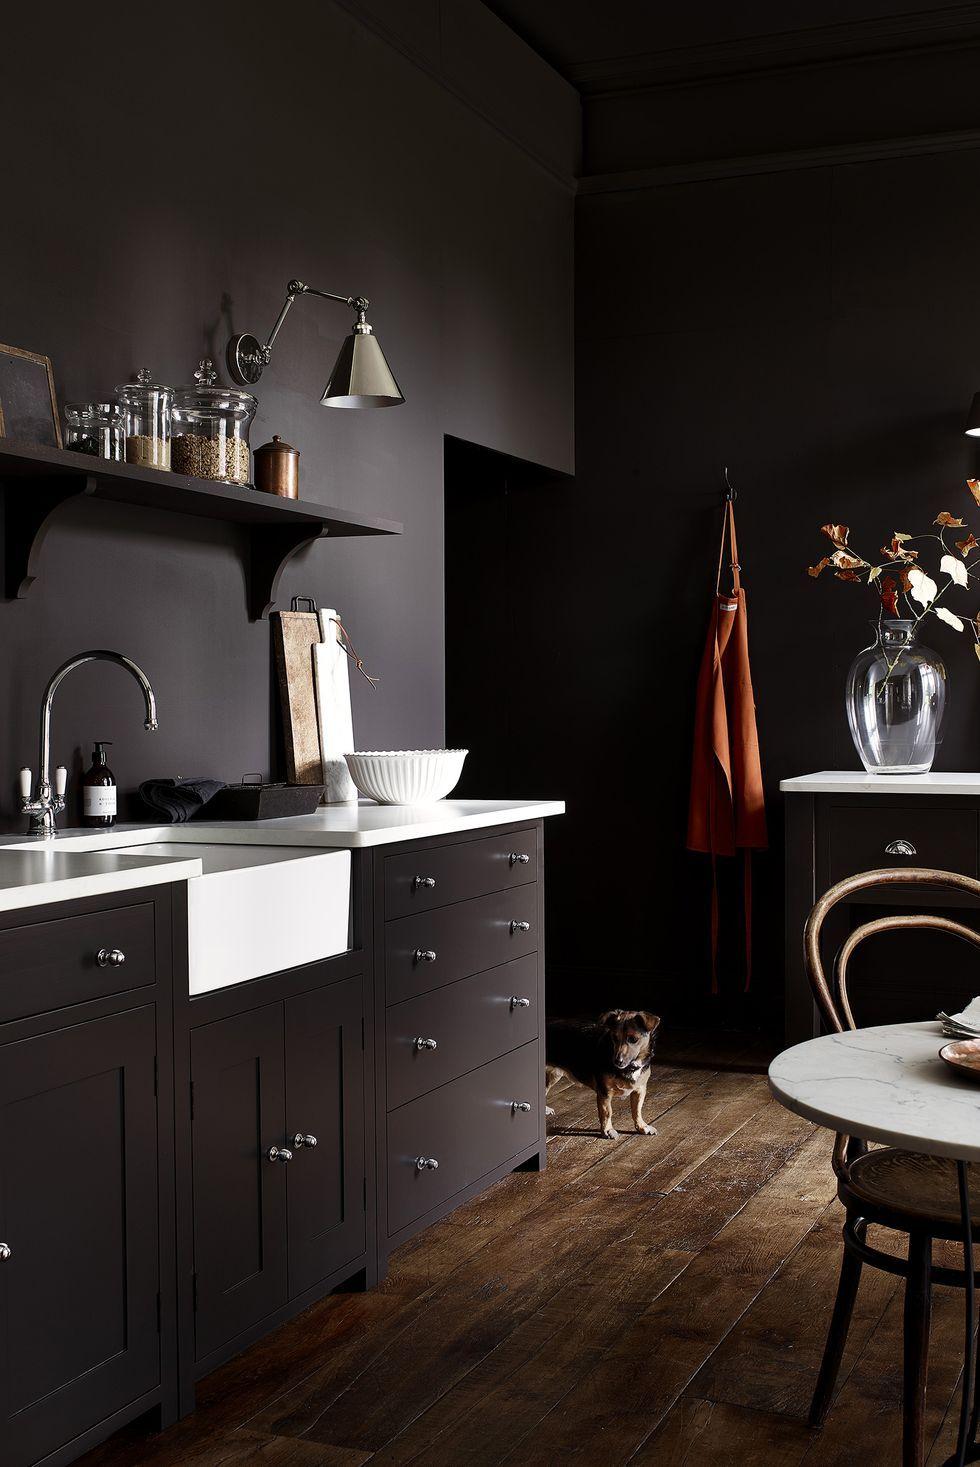 9 stunning dark kitchen ideas   Dark kitchen, Shaker style ...